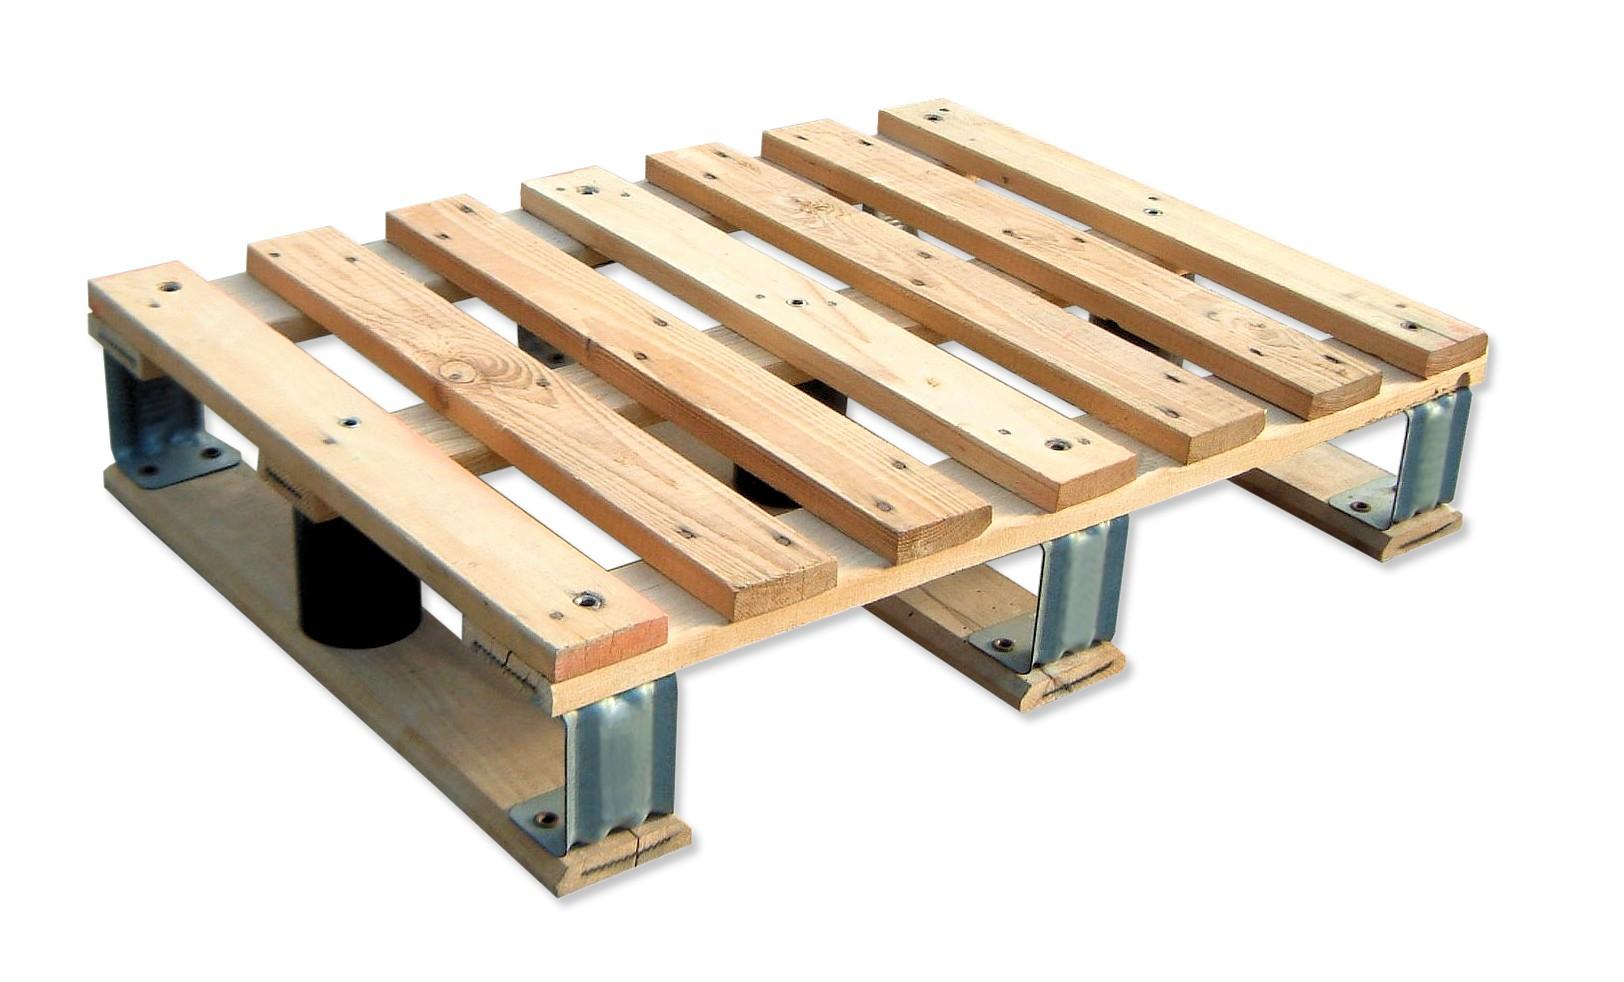 palet x dusseldorf reciclado palets y europalets de madera plastico usados reciclados y nimf